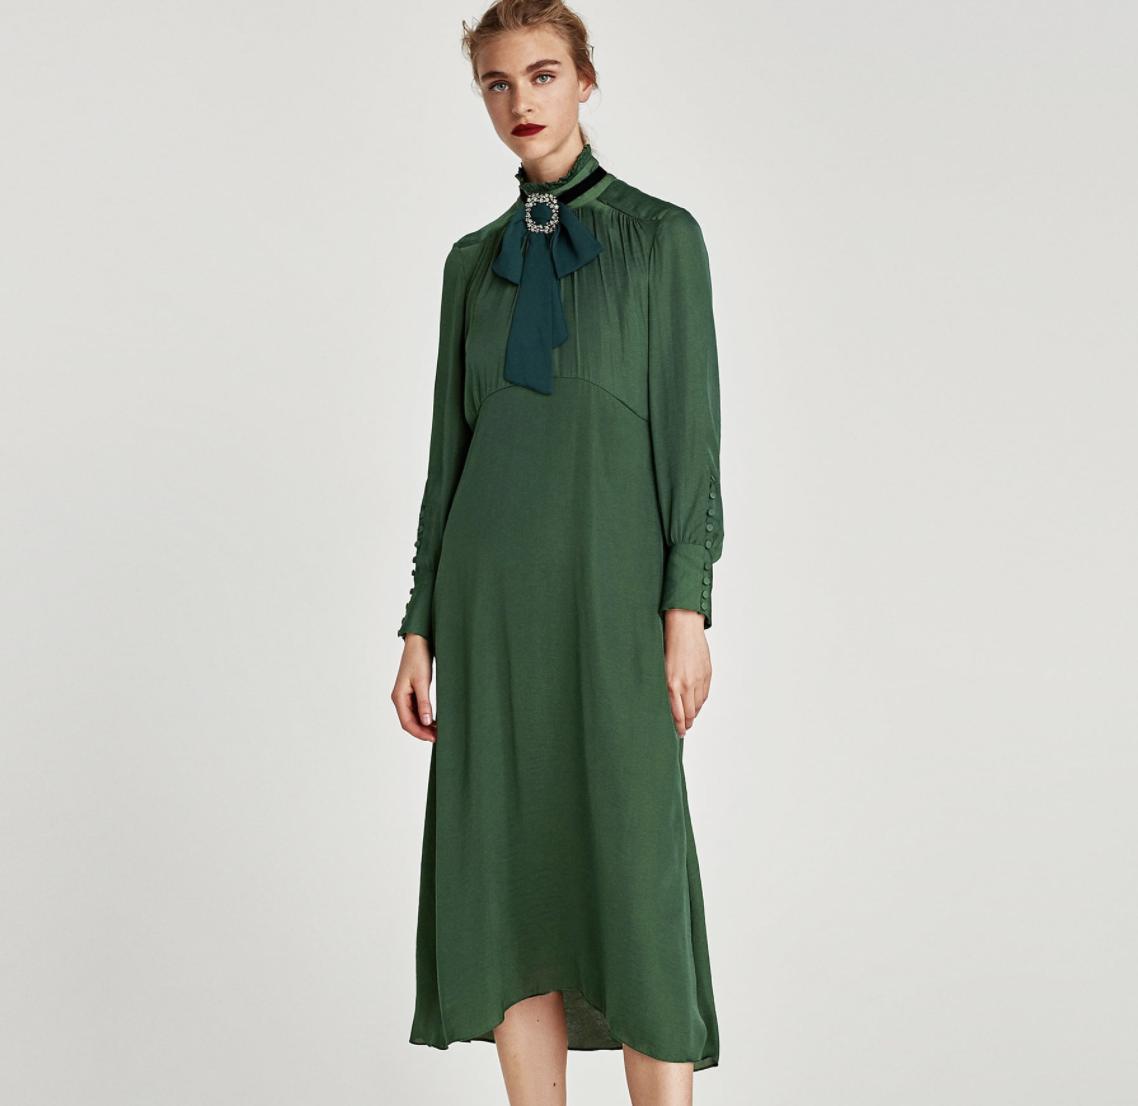 Midi Dress, $90